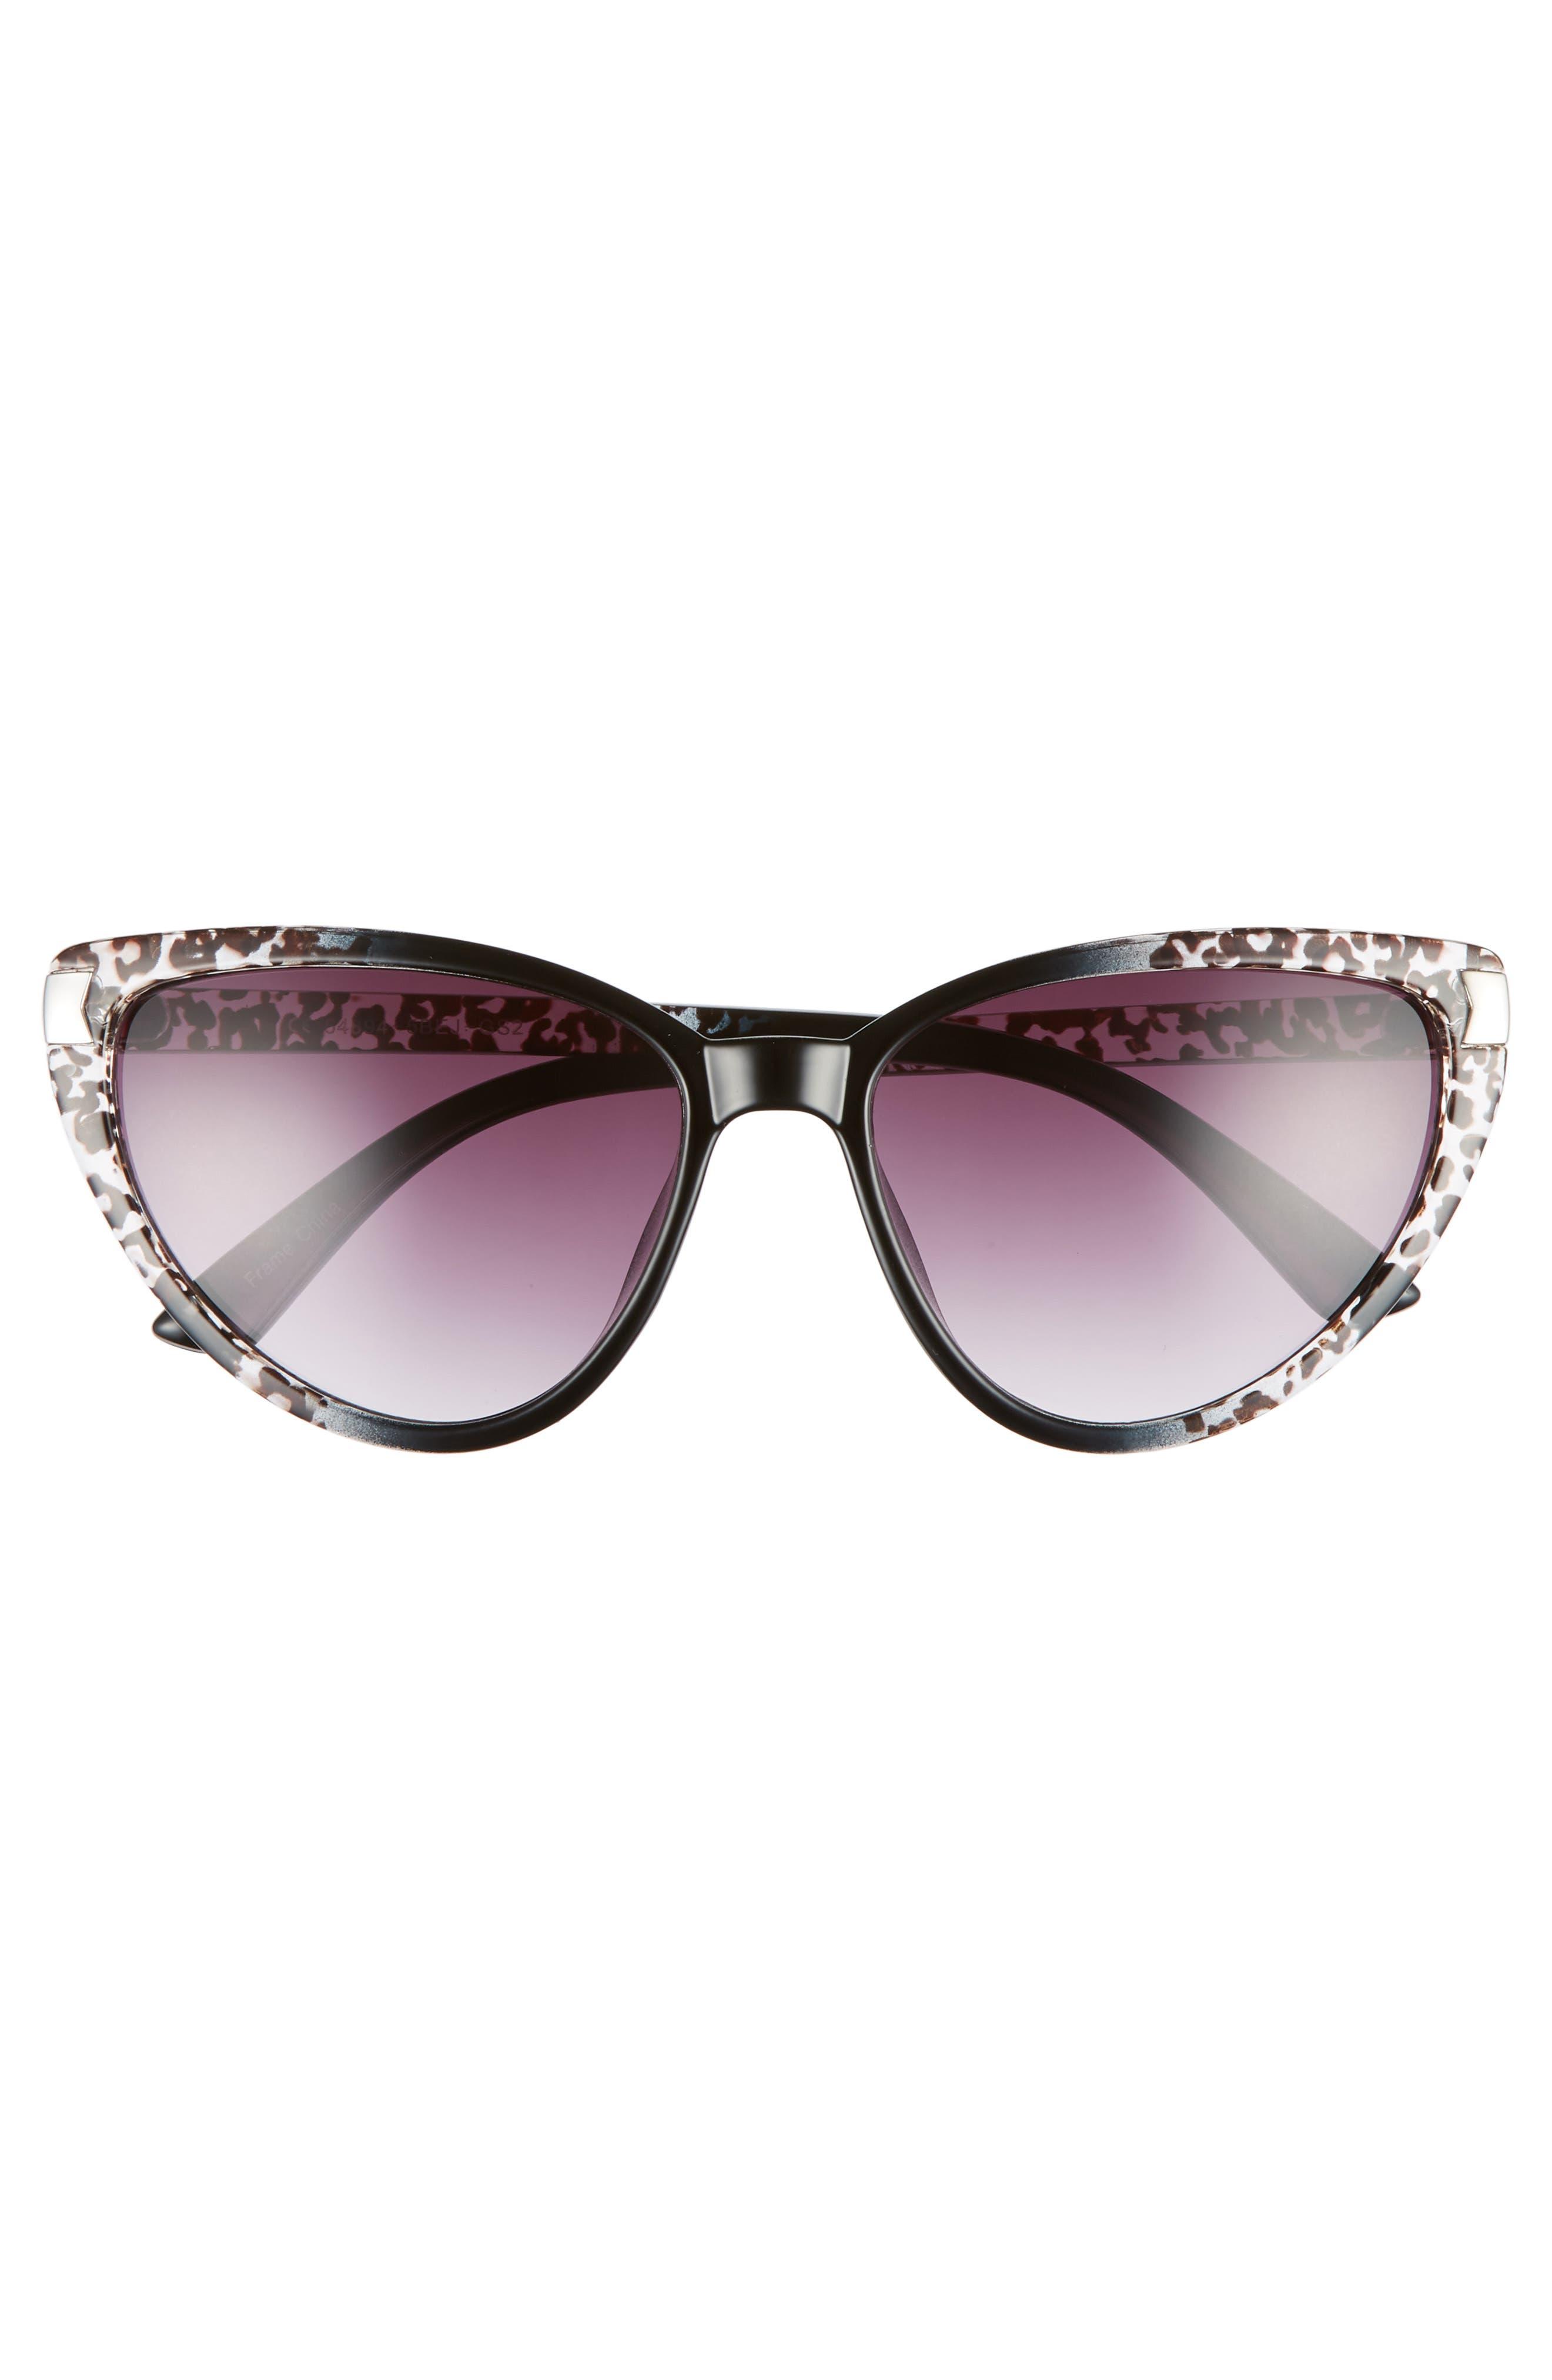 57mm Spotted Cat Eye Sunglasses,                             Alternate thumbnail 3, color,                             Black/ White